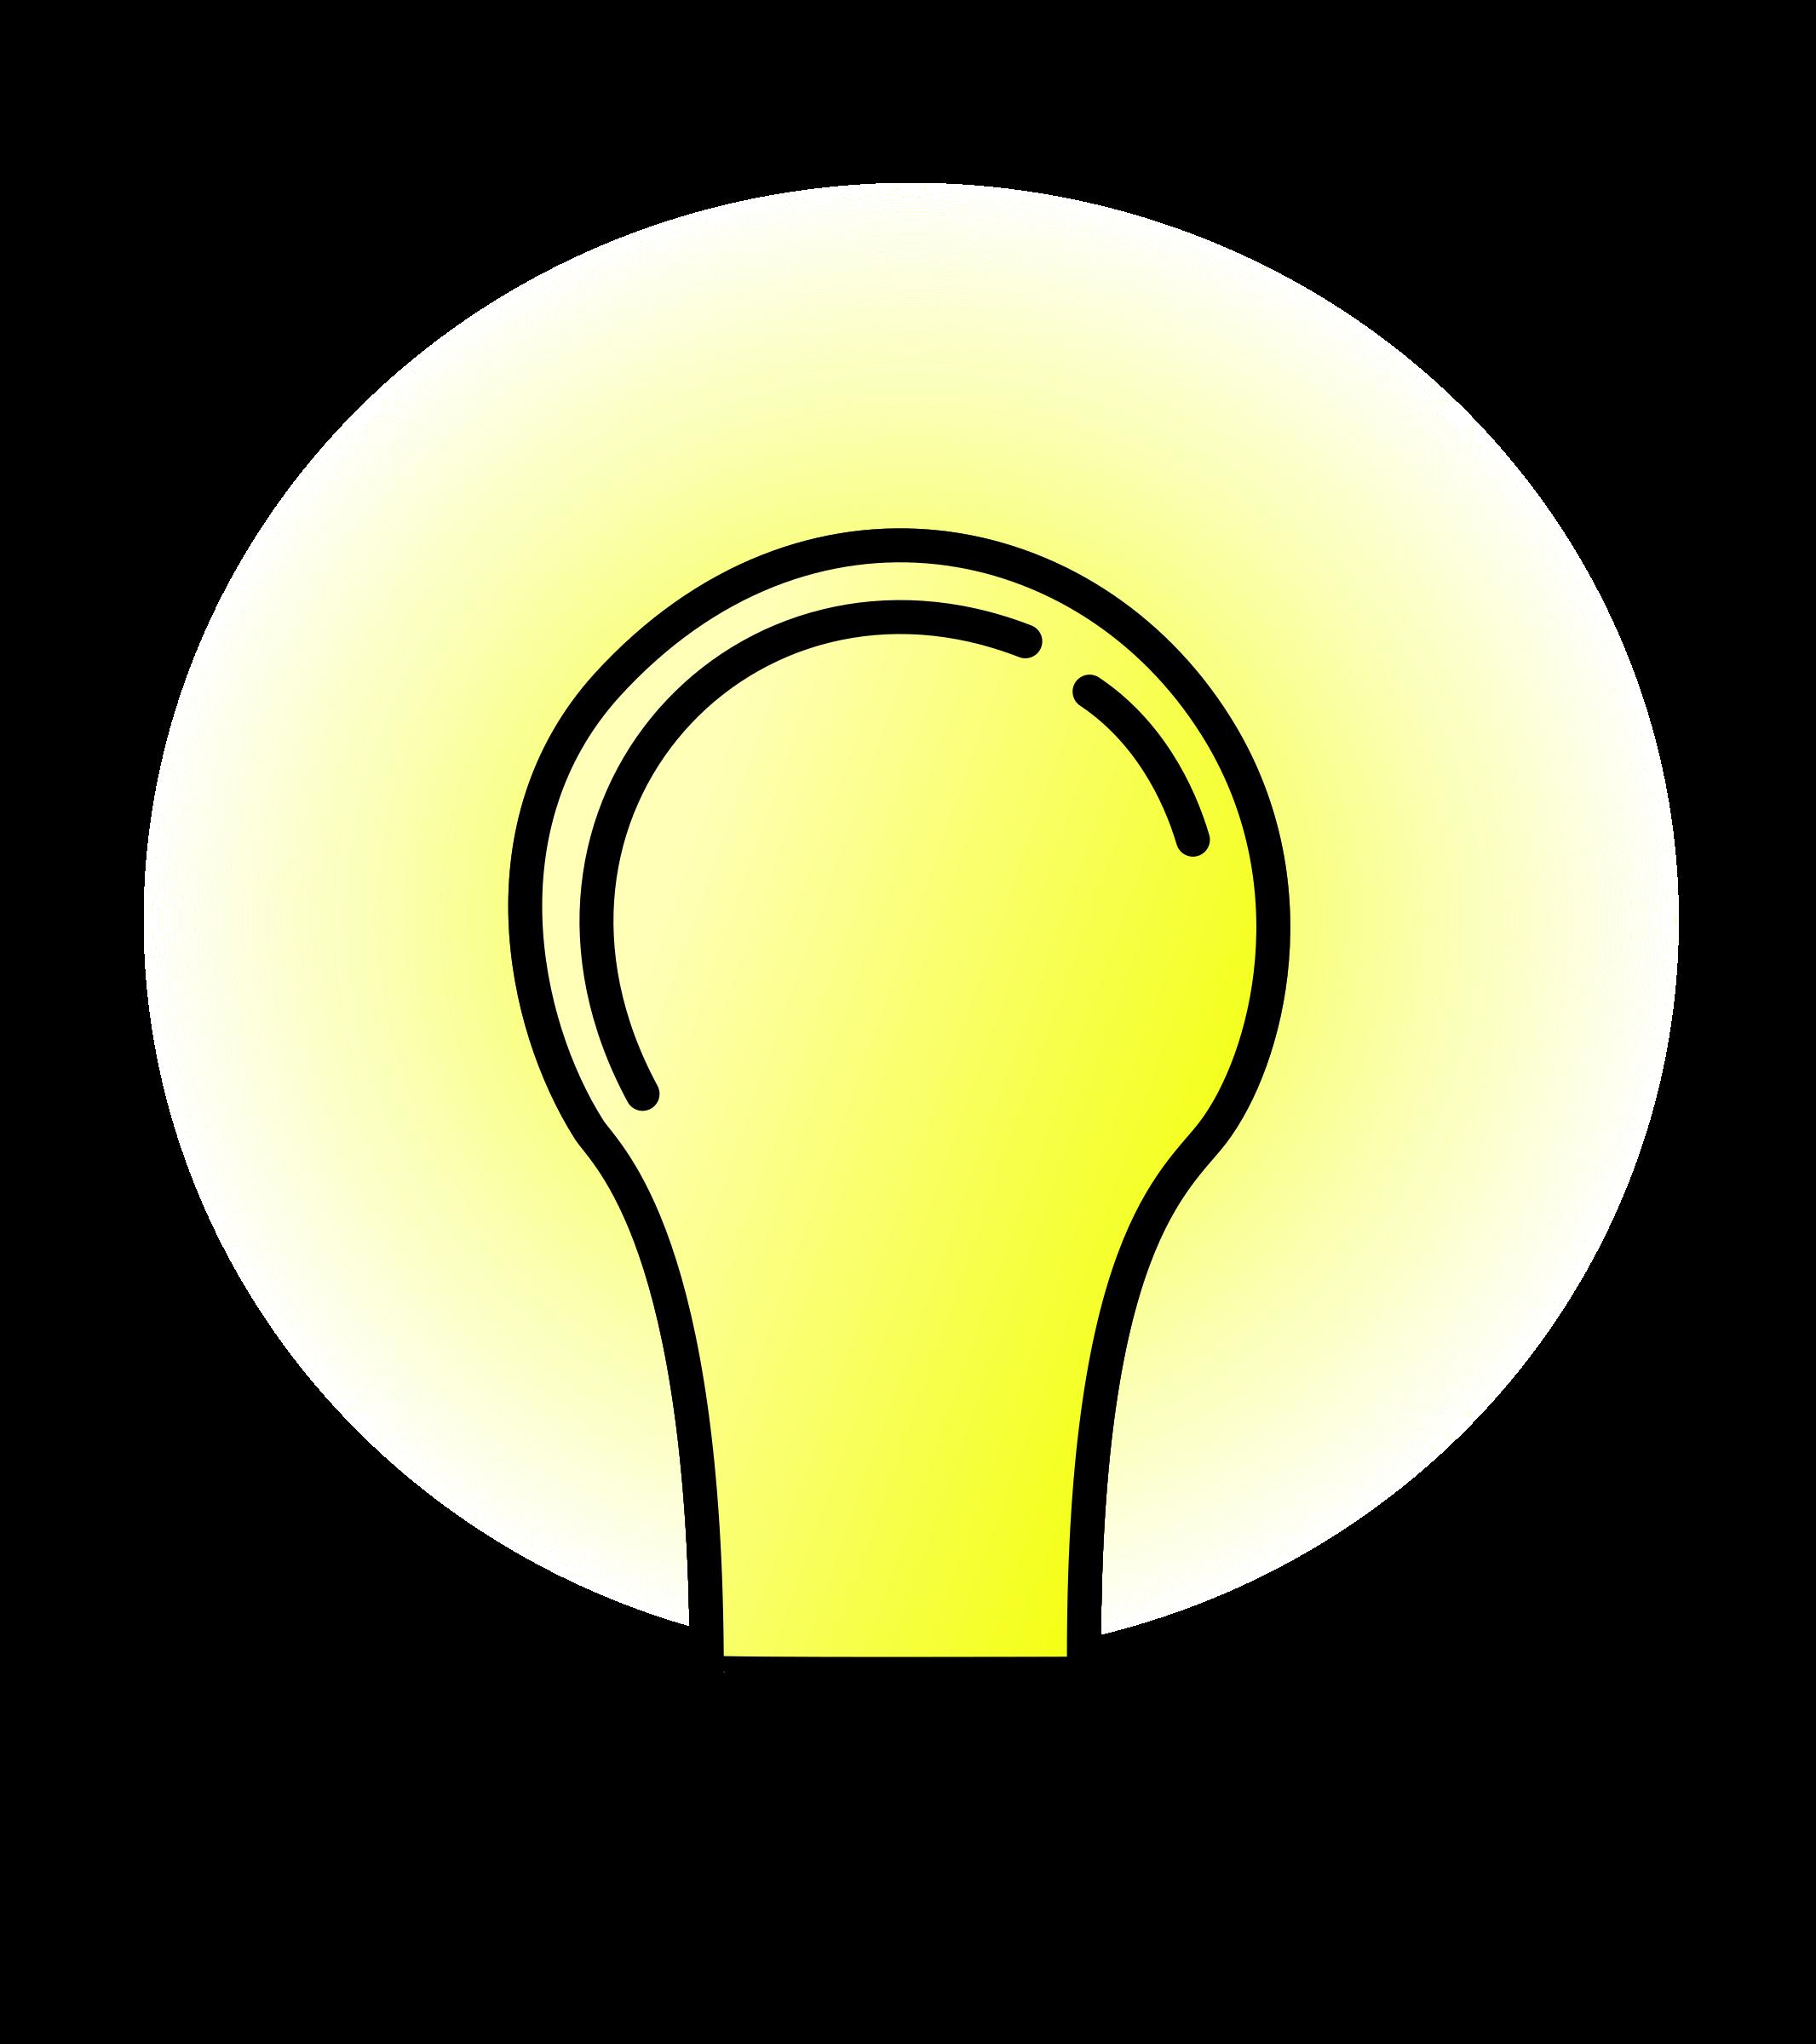 Lightbulb clipart old lightbulb.  best bright idea